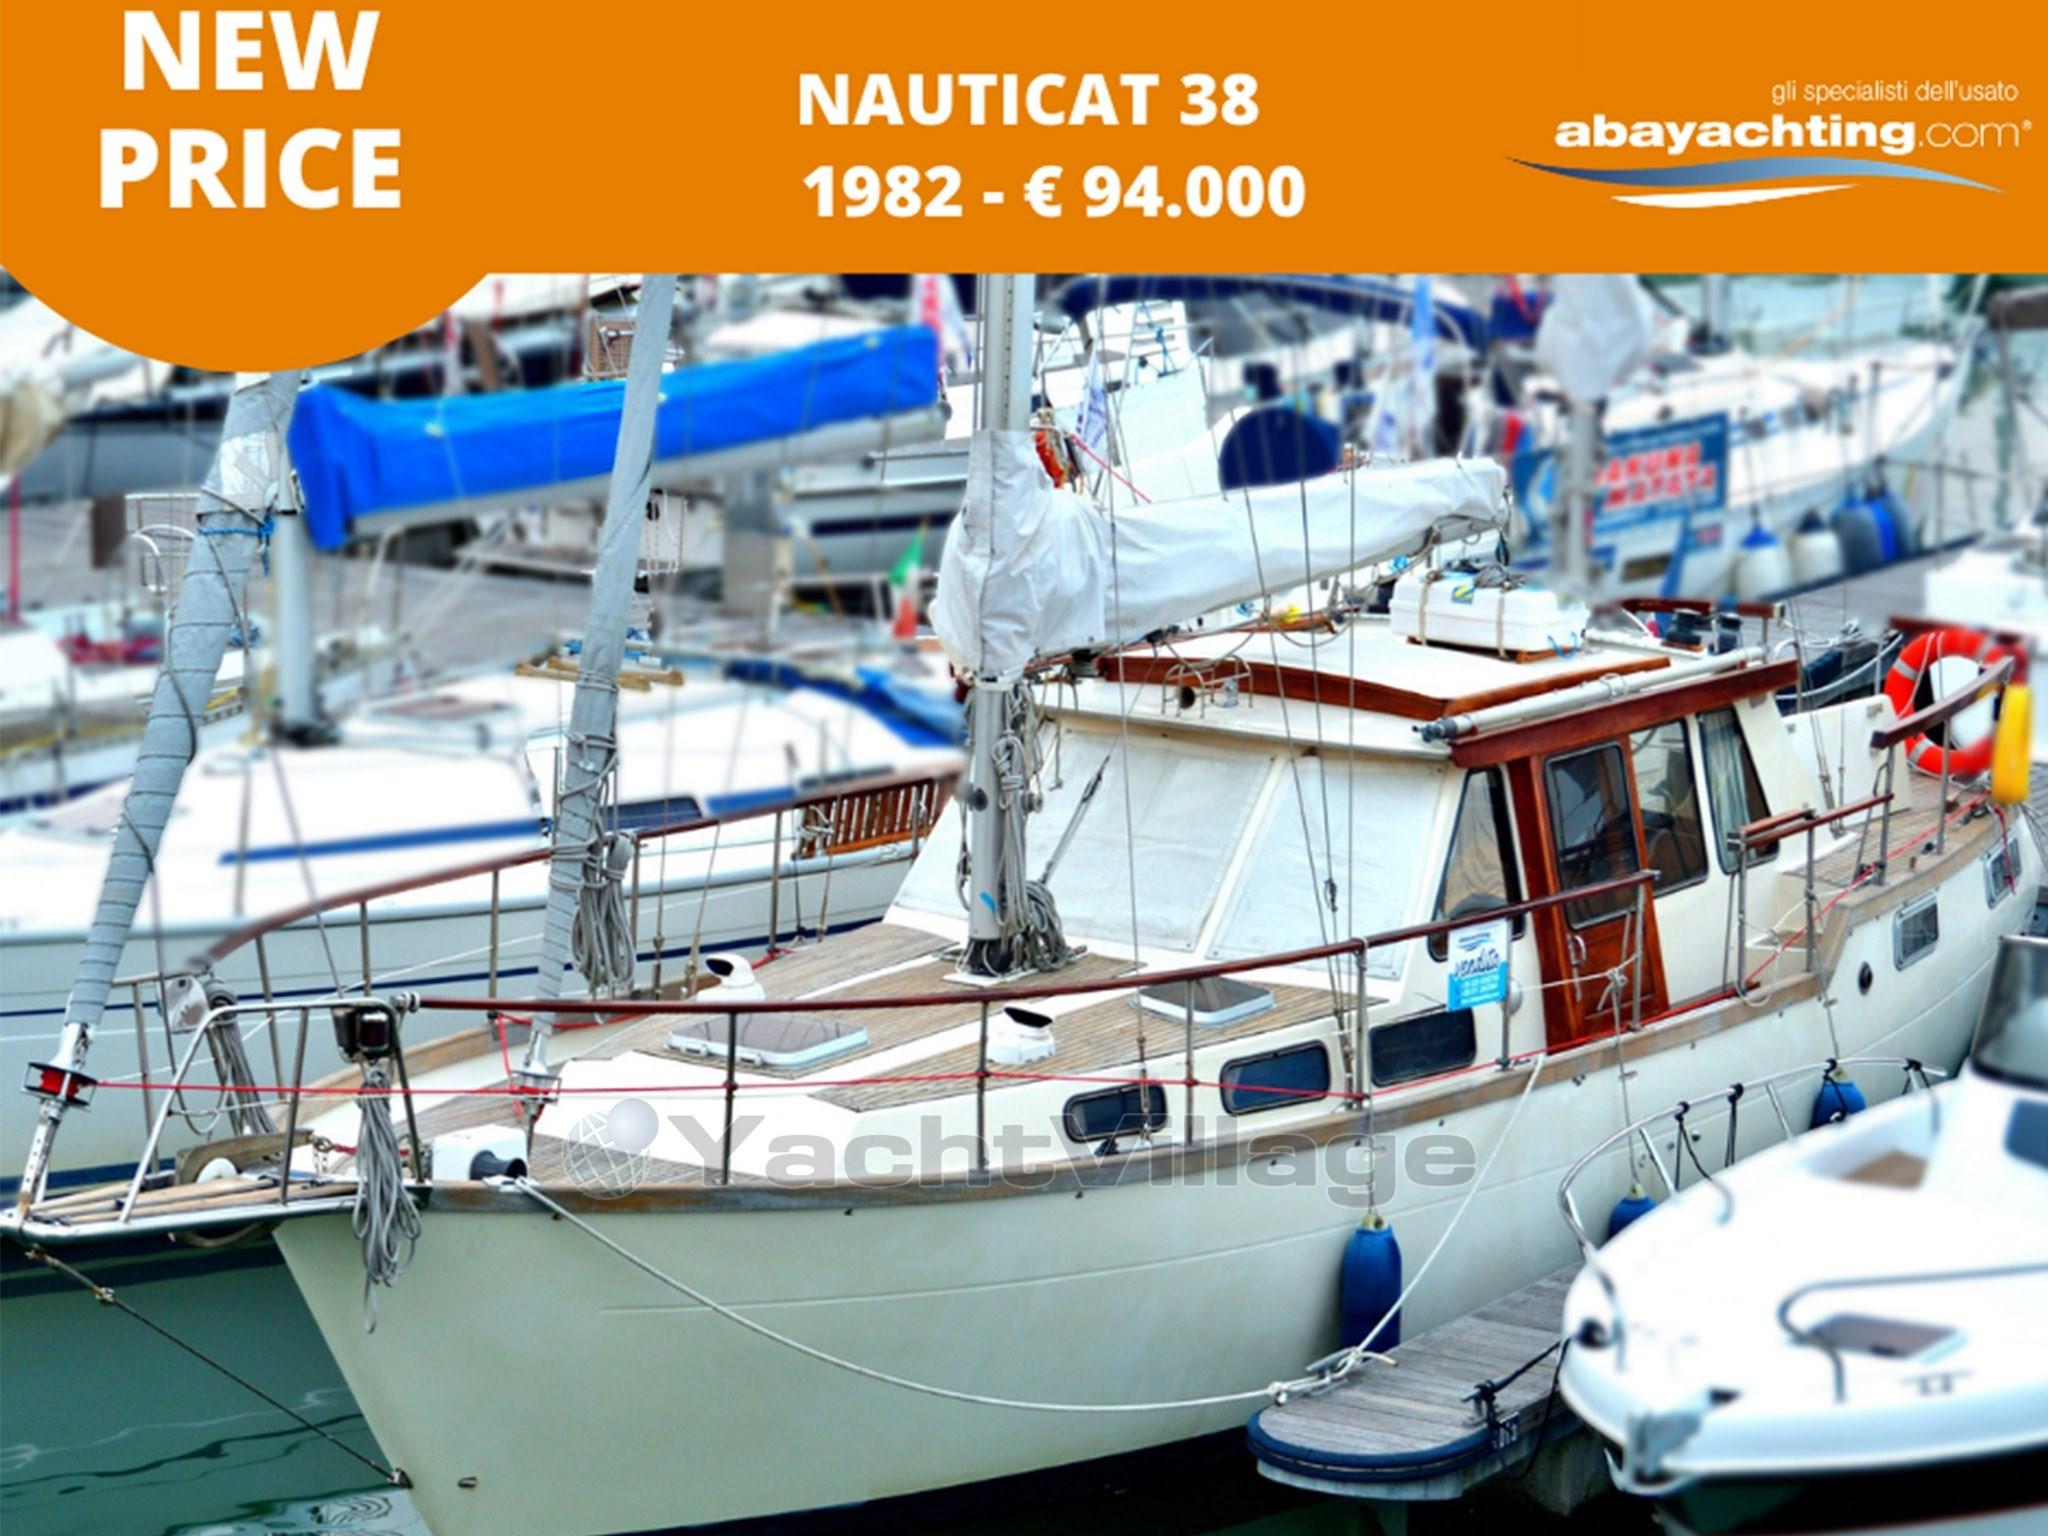 Abayachting Nuovo prezzo Nauticat 38